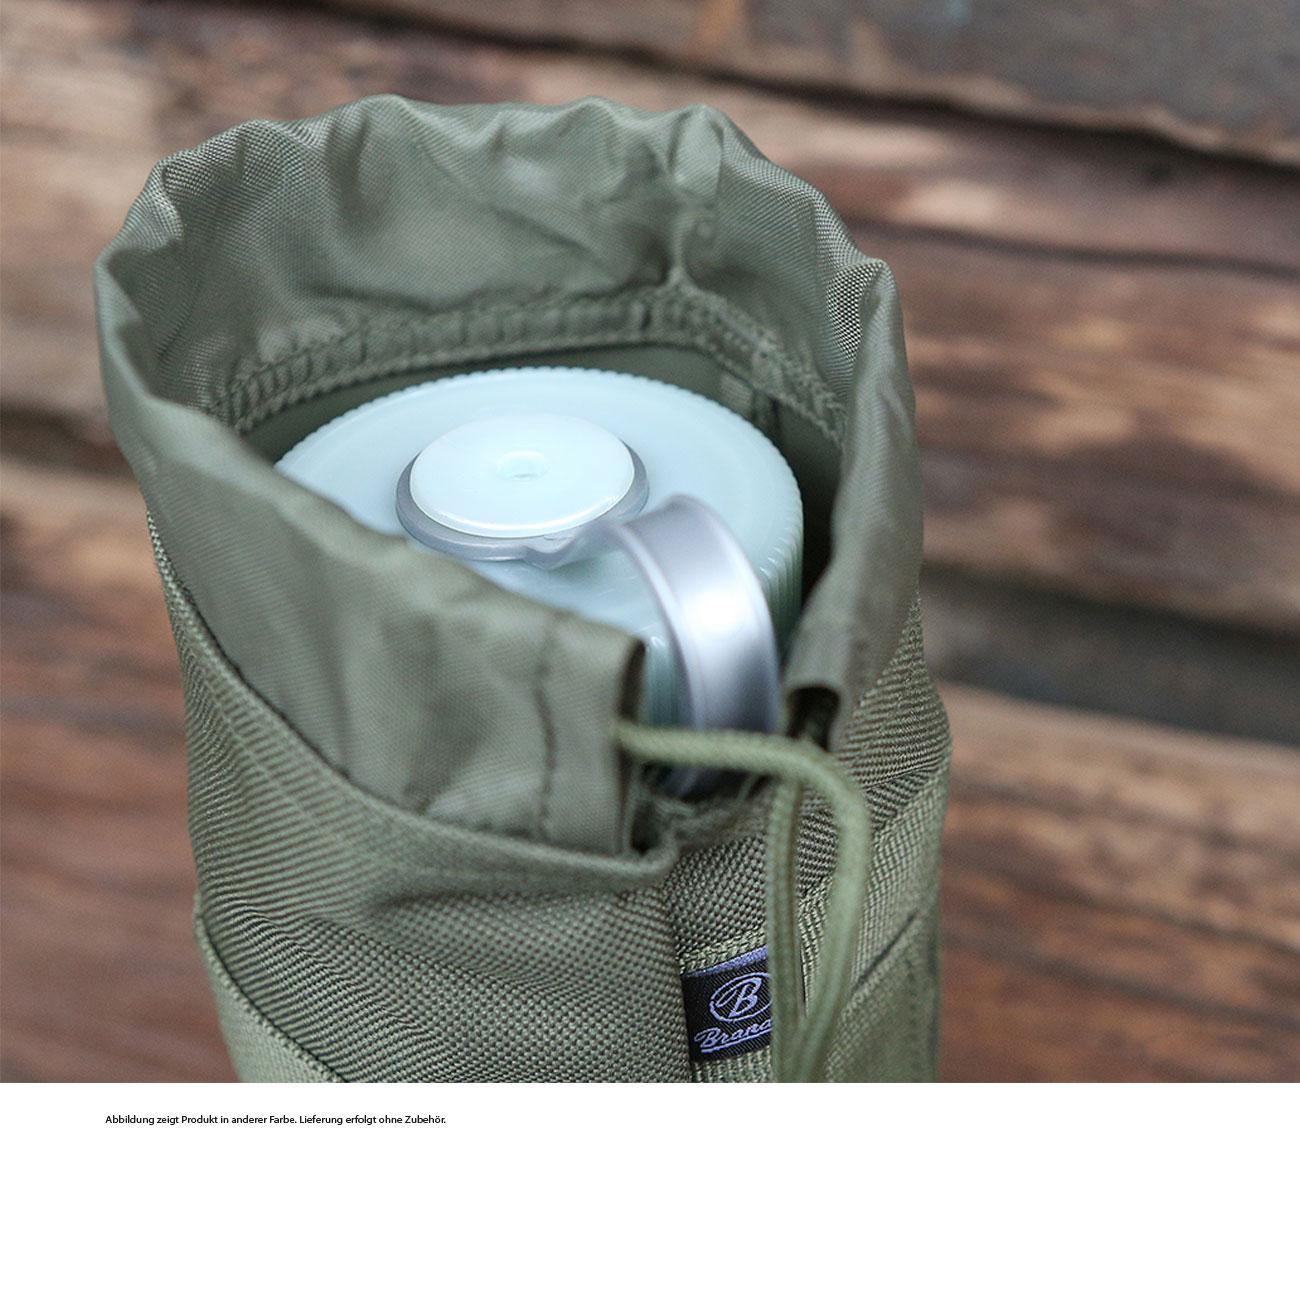 2019 Neuer Stil Multitarn Molle Trinkflaschentasche Water Bottle Multicamo Pouch Tasche Rucksäcke Sonstige